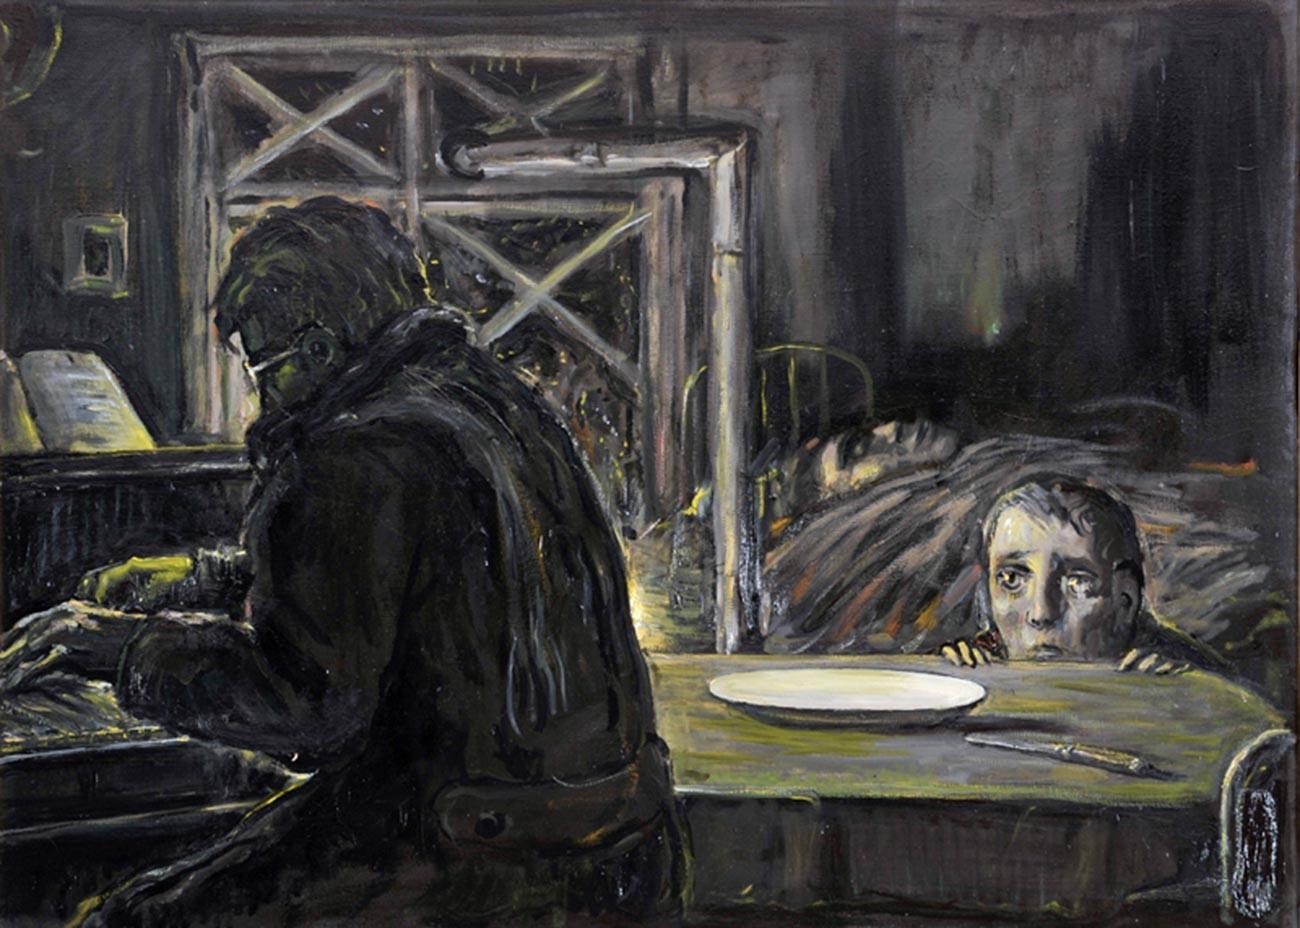 イリヤ・グラズノフ、『幼少期の記憶。レニングラード封鎖』